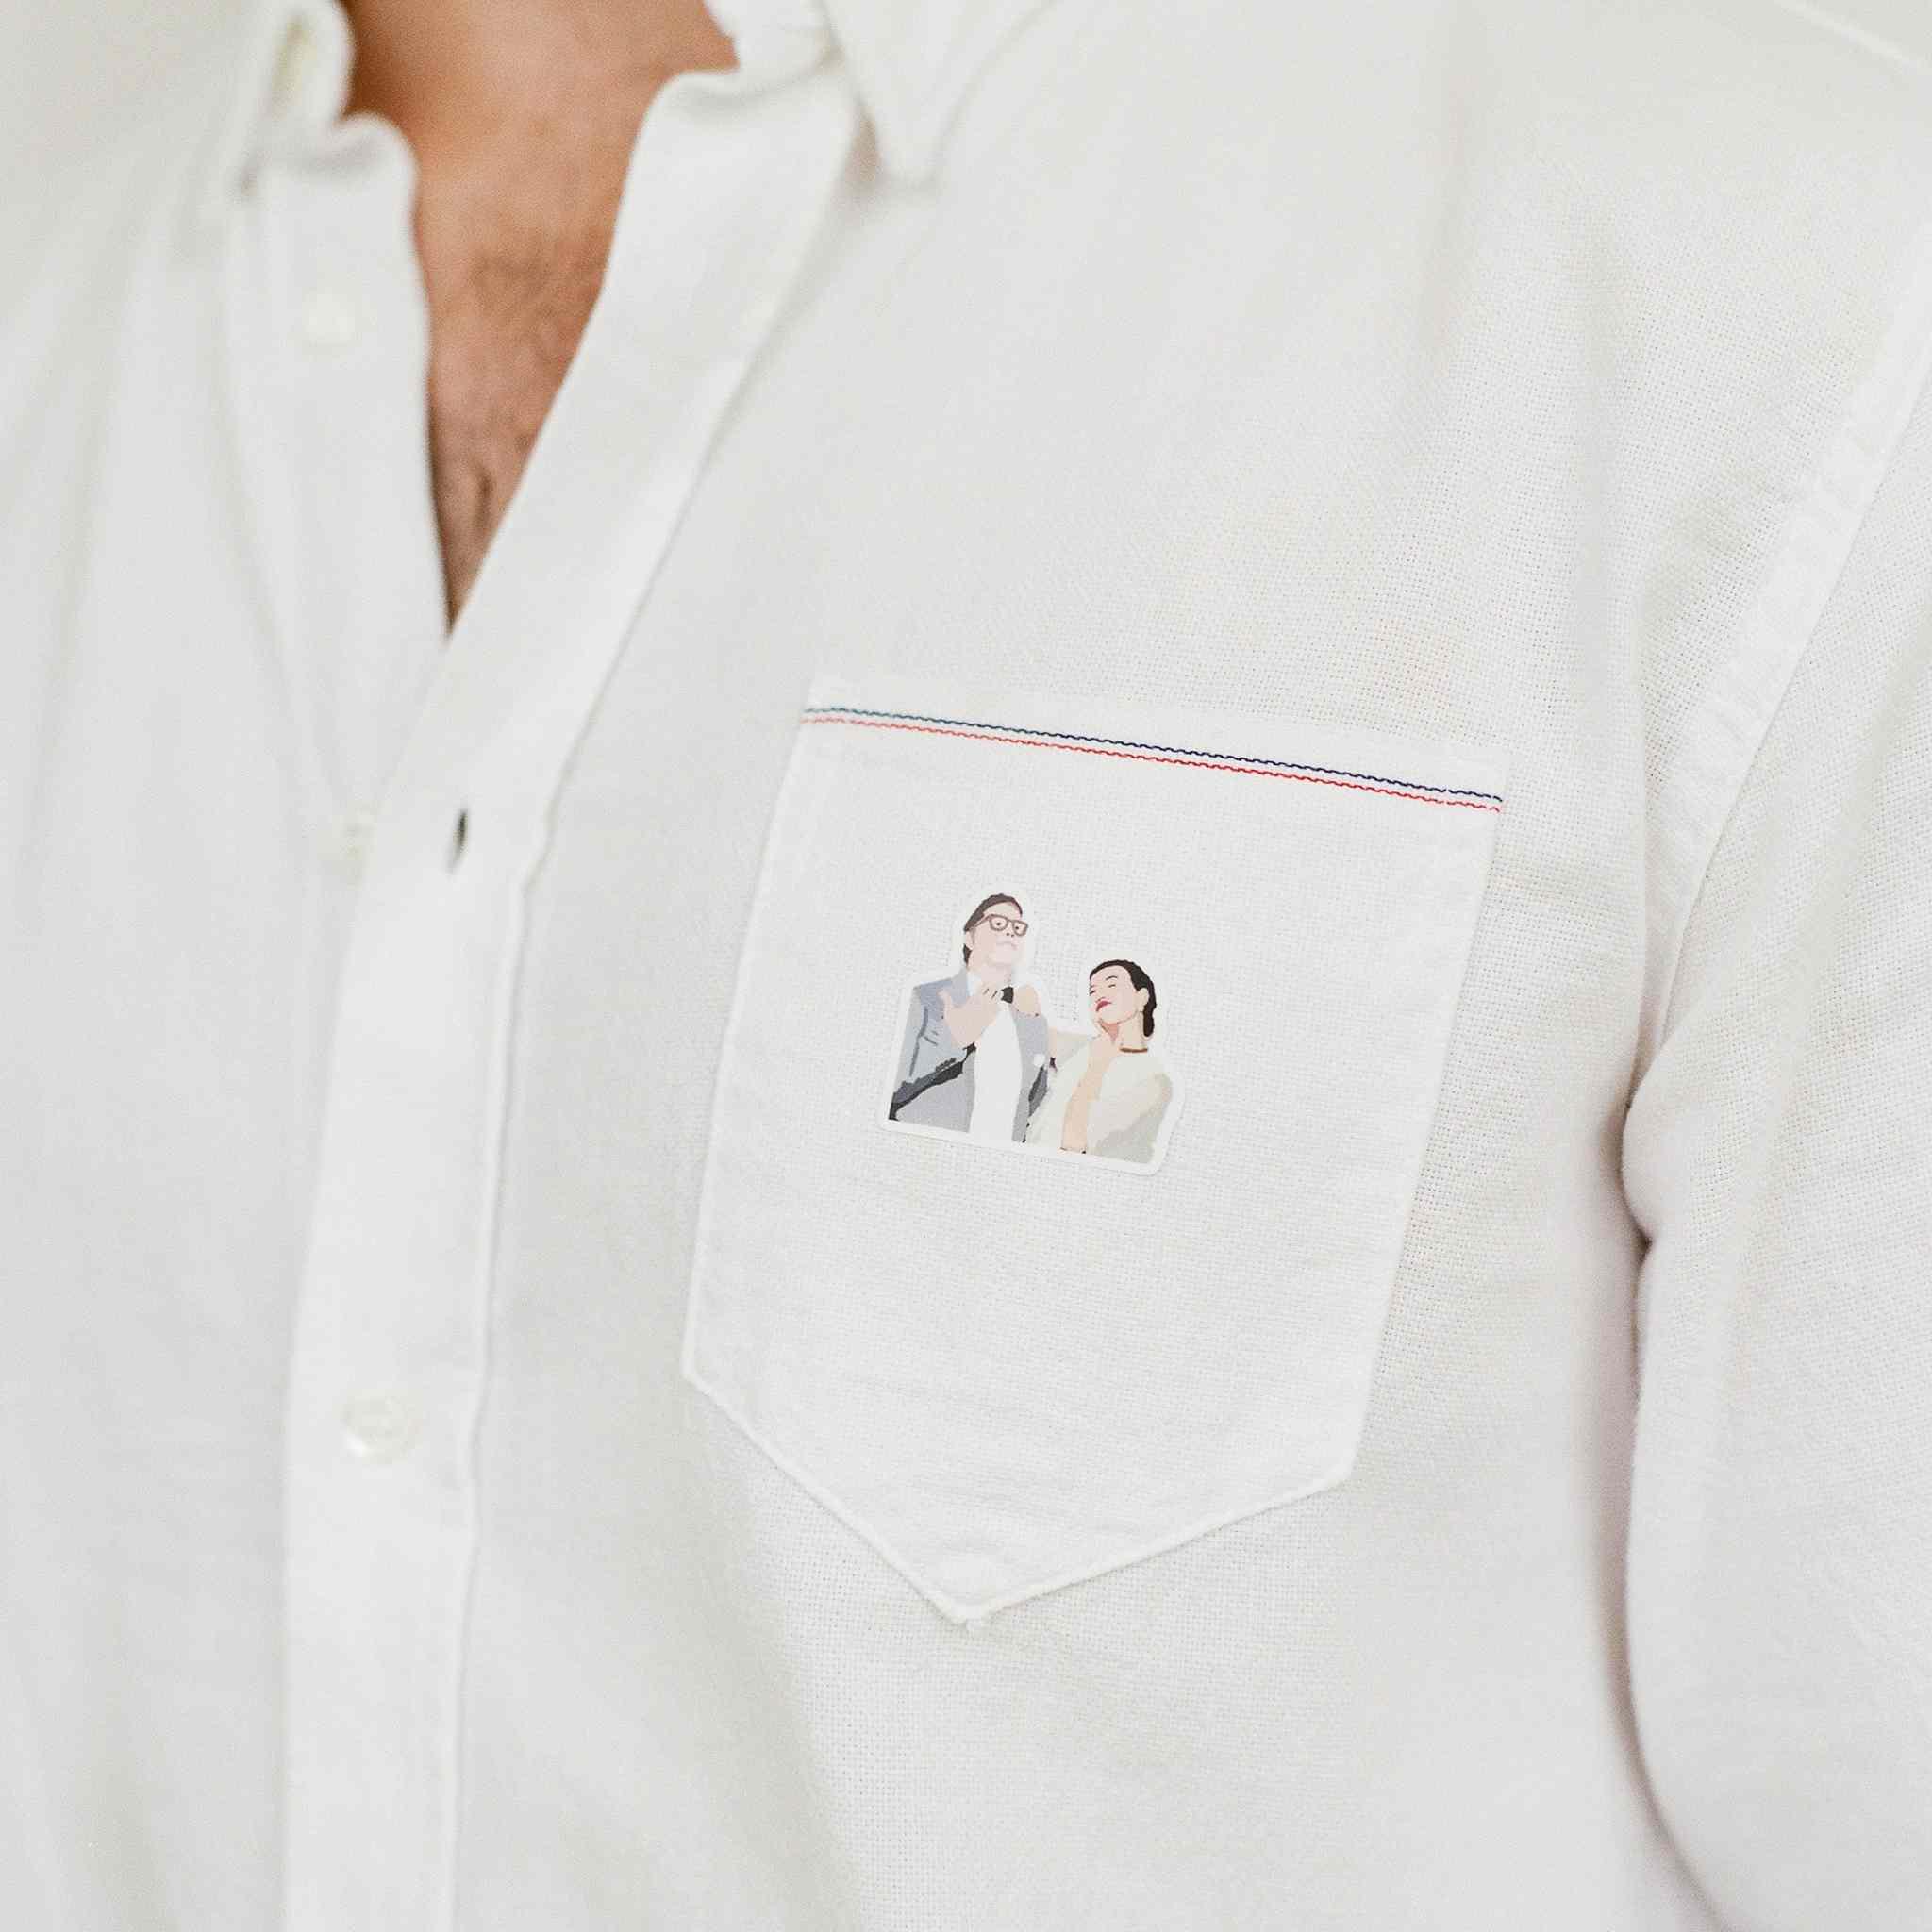 Personalized dress shirt